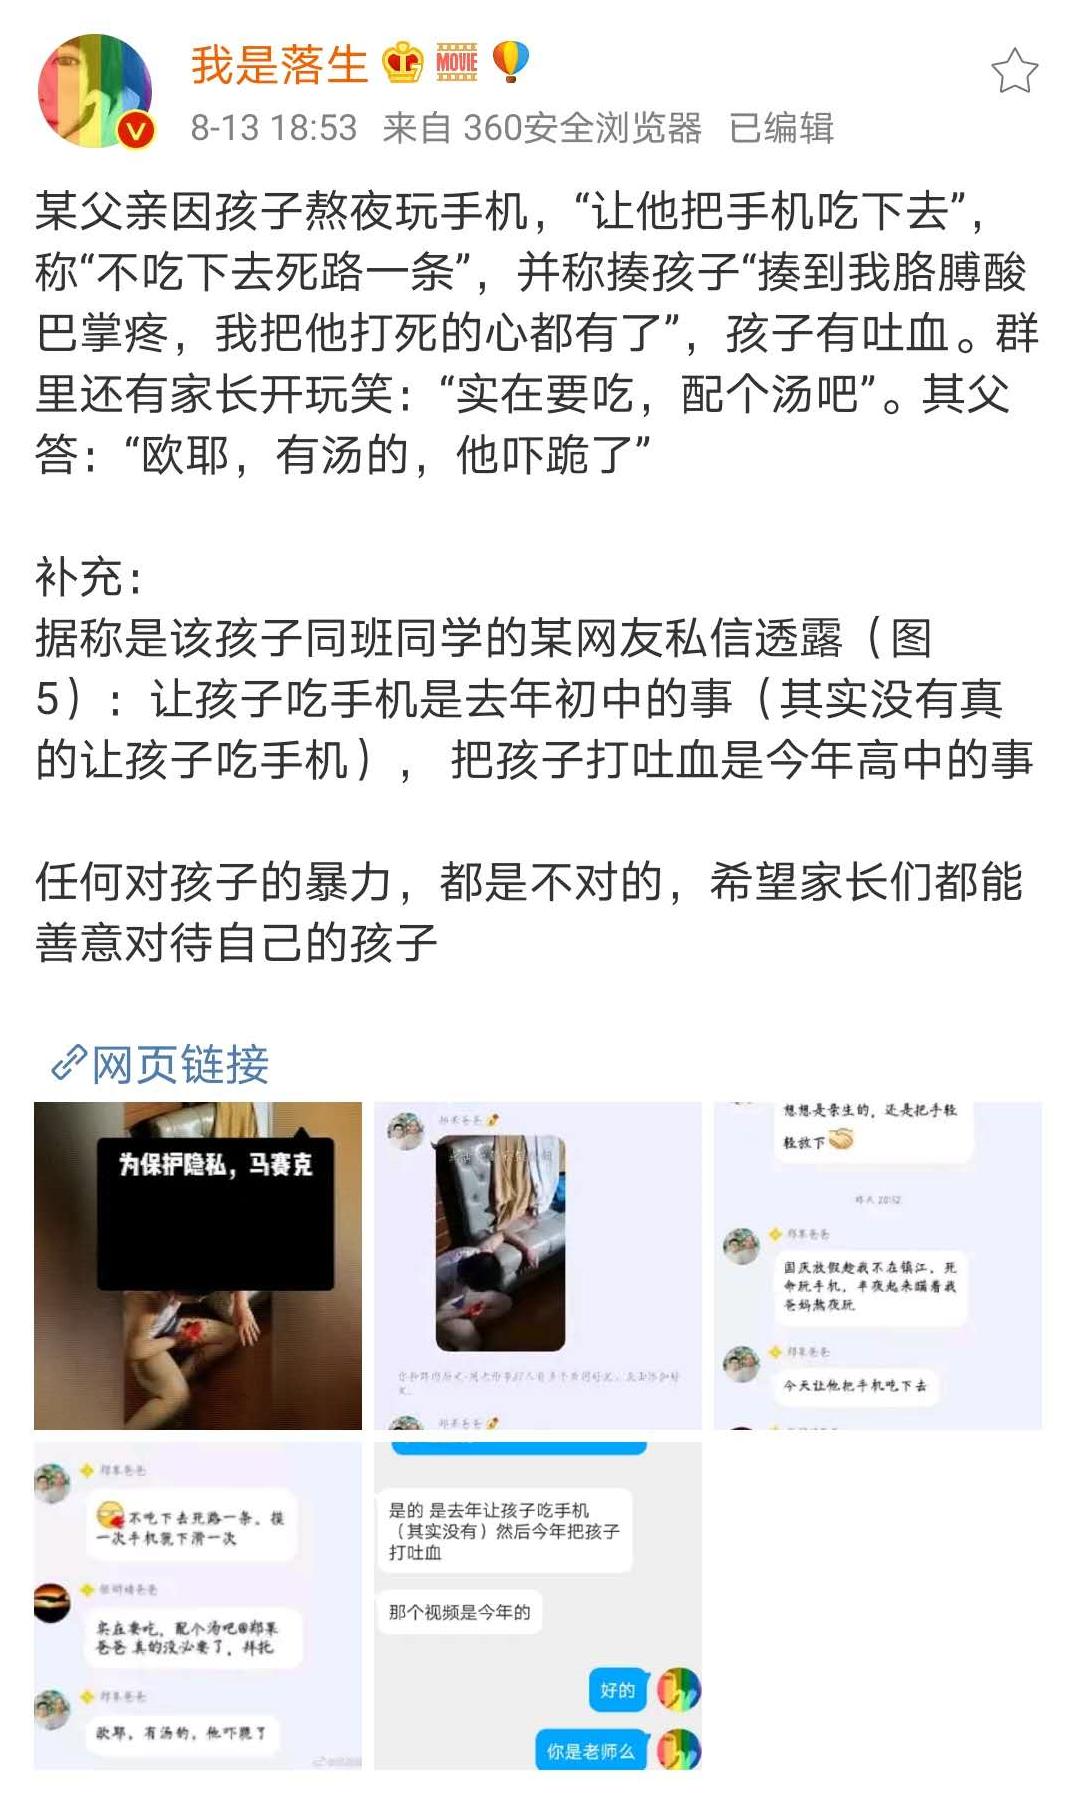 """网友爆料称一父亲因孩子熬夜玩手机,称""""让他把手机吃下去""""。图片来源:网络"""